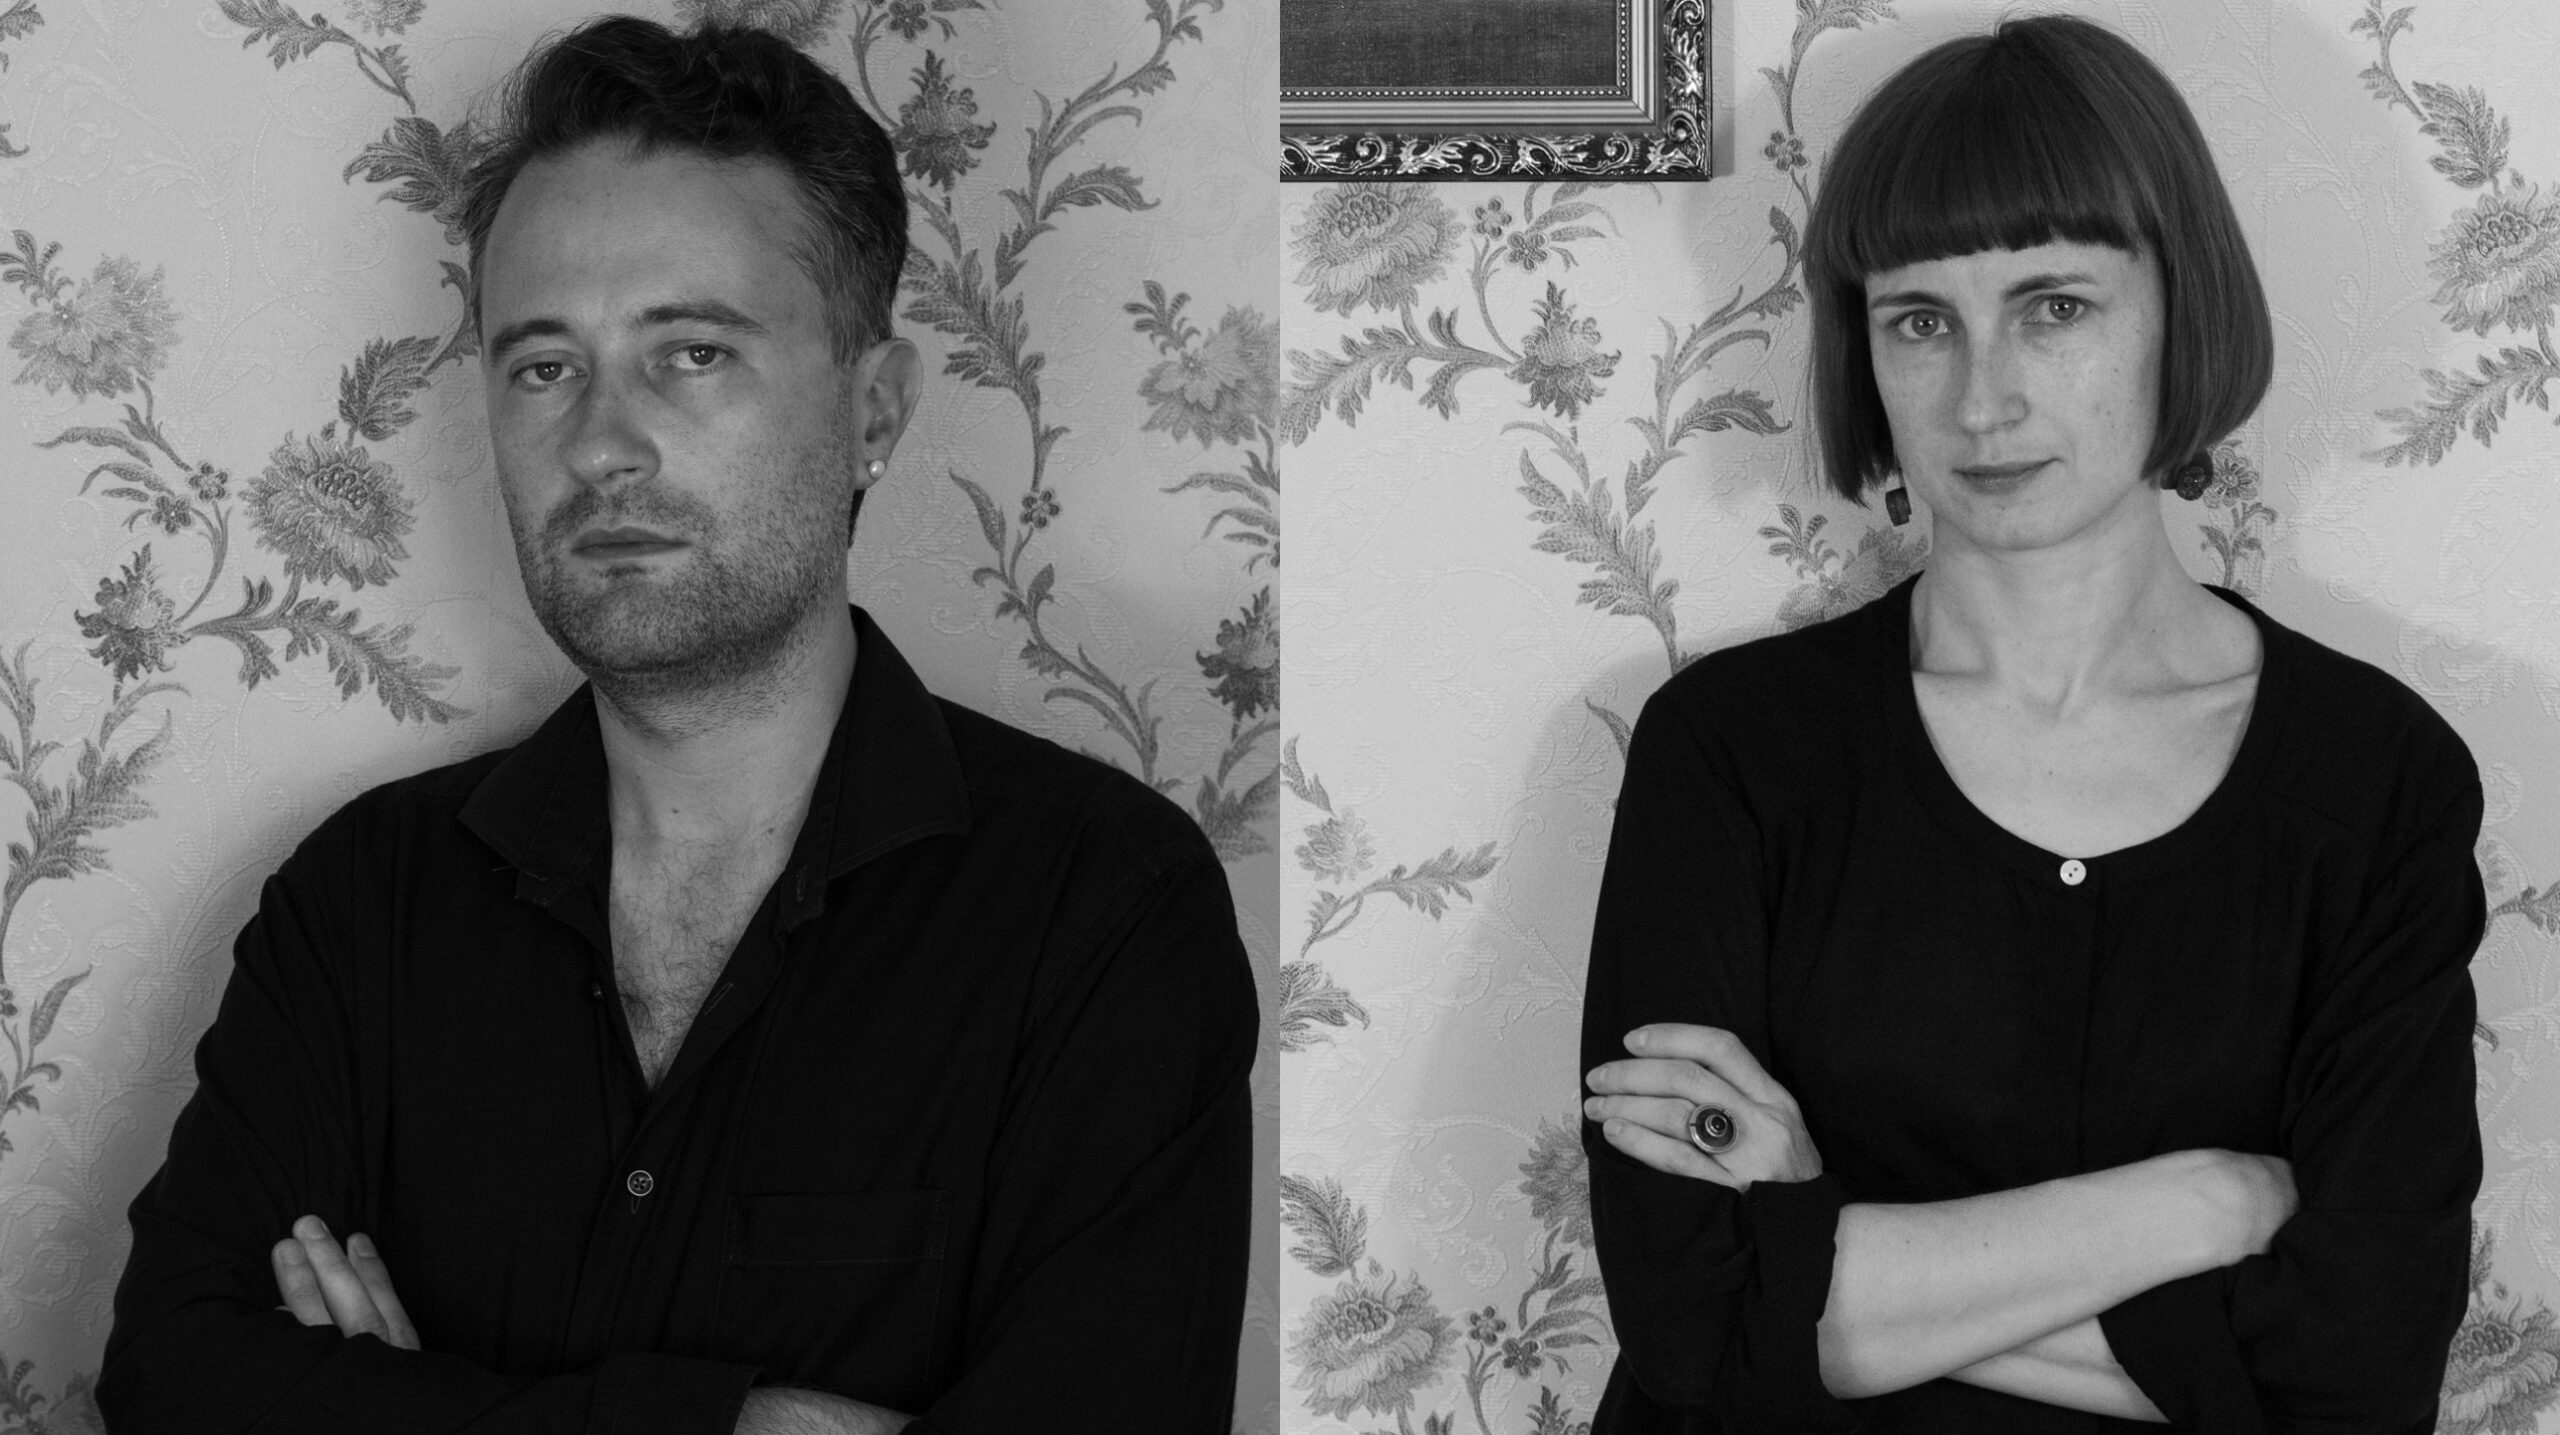 Лія Достлєва та Андрій Достлєв: «Відповідальність — не до кінця проговорена тема в українському мистецтві»